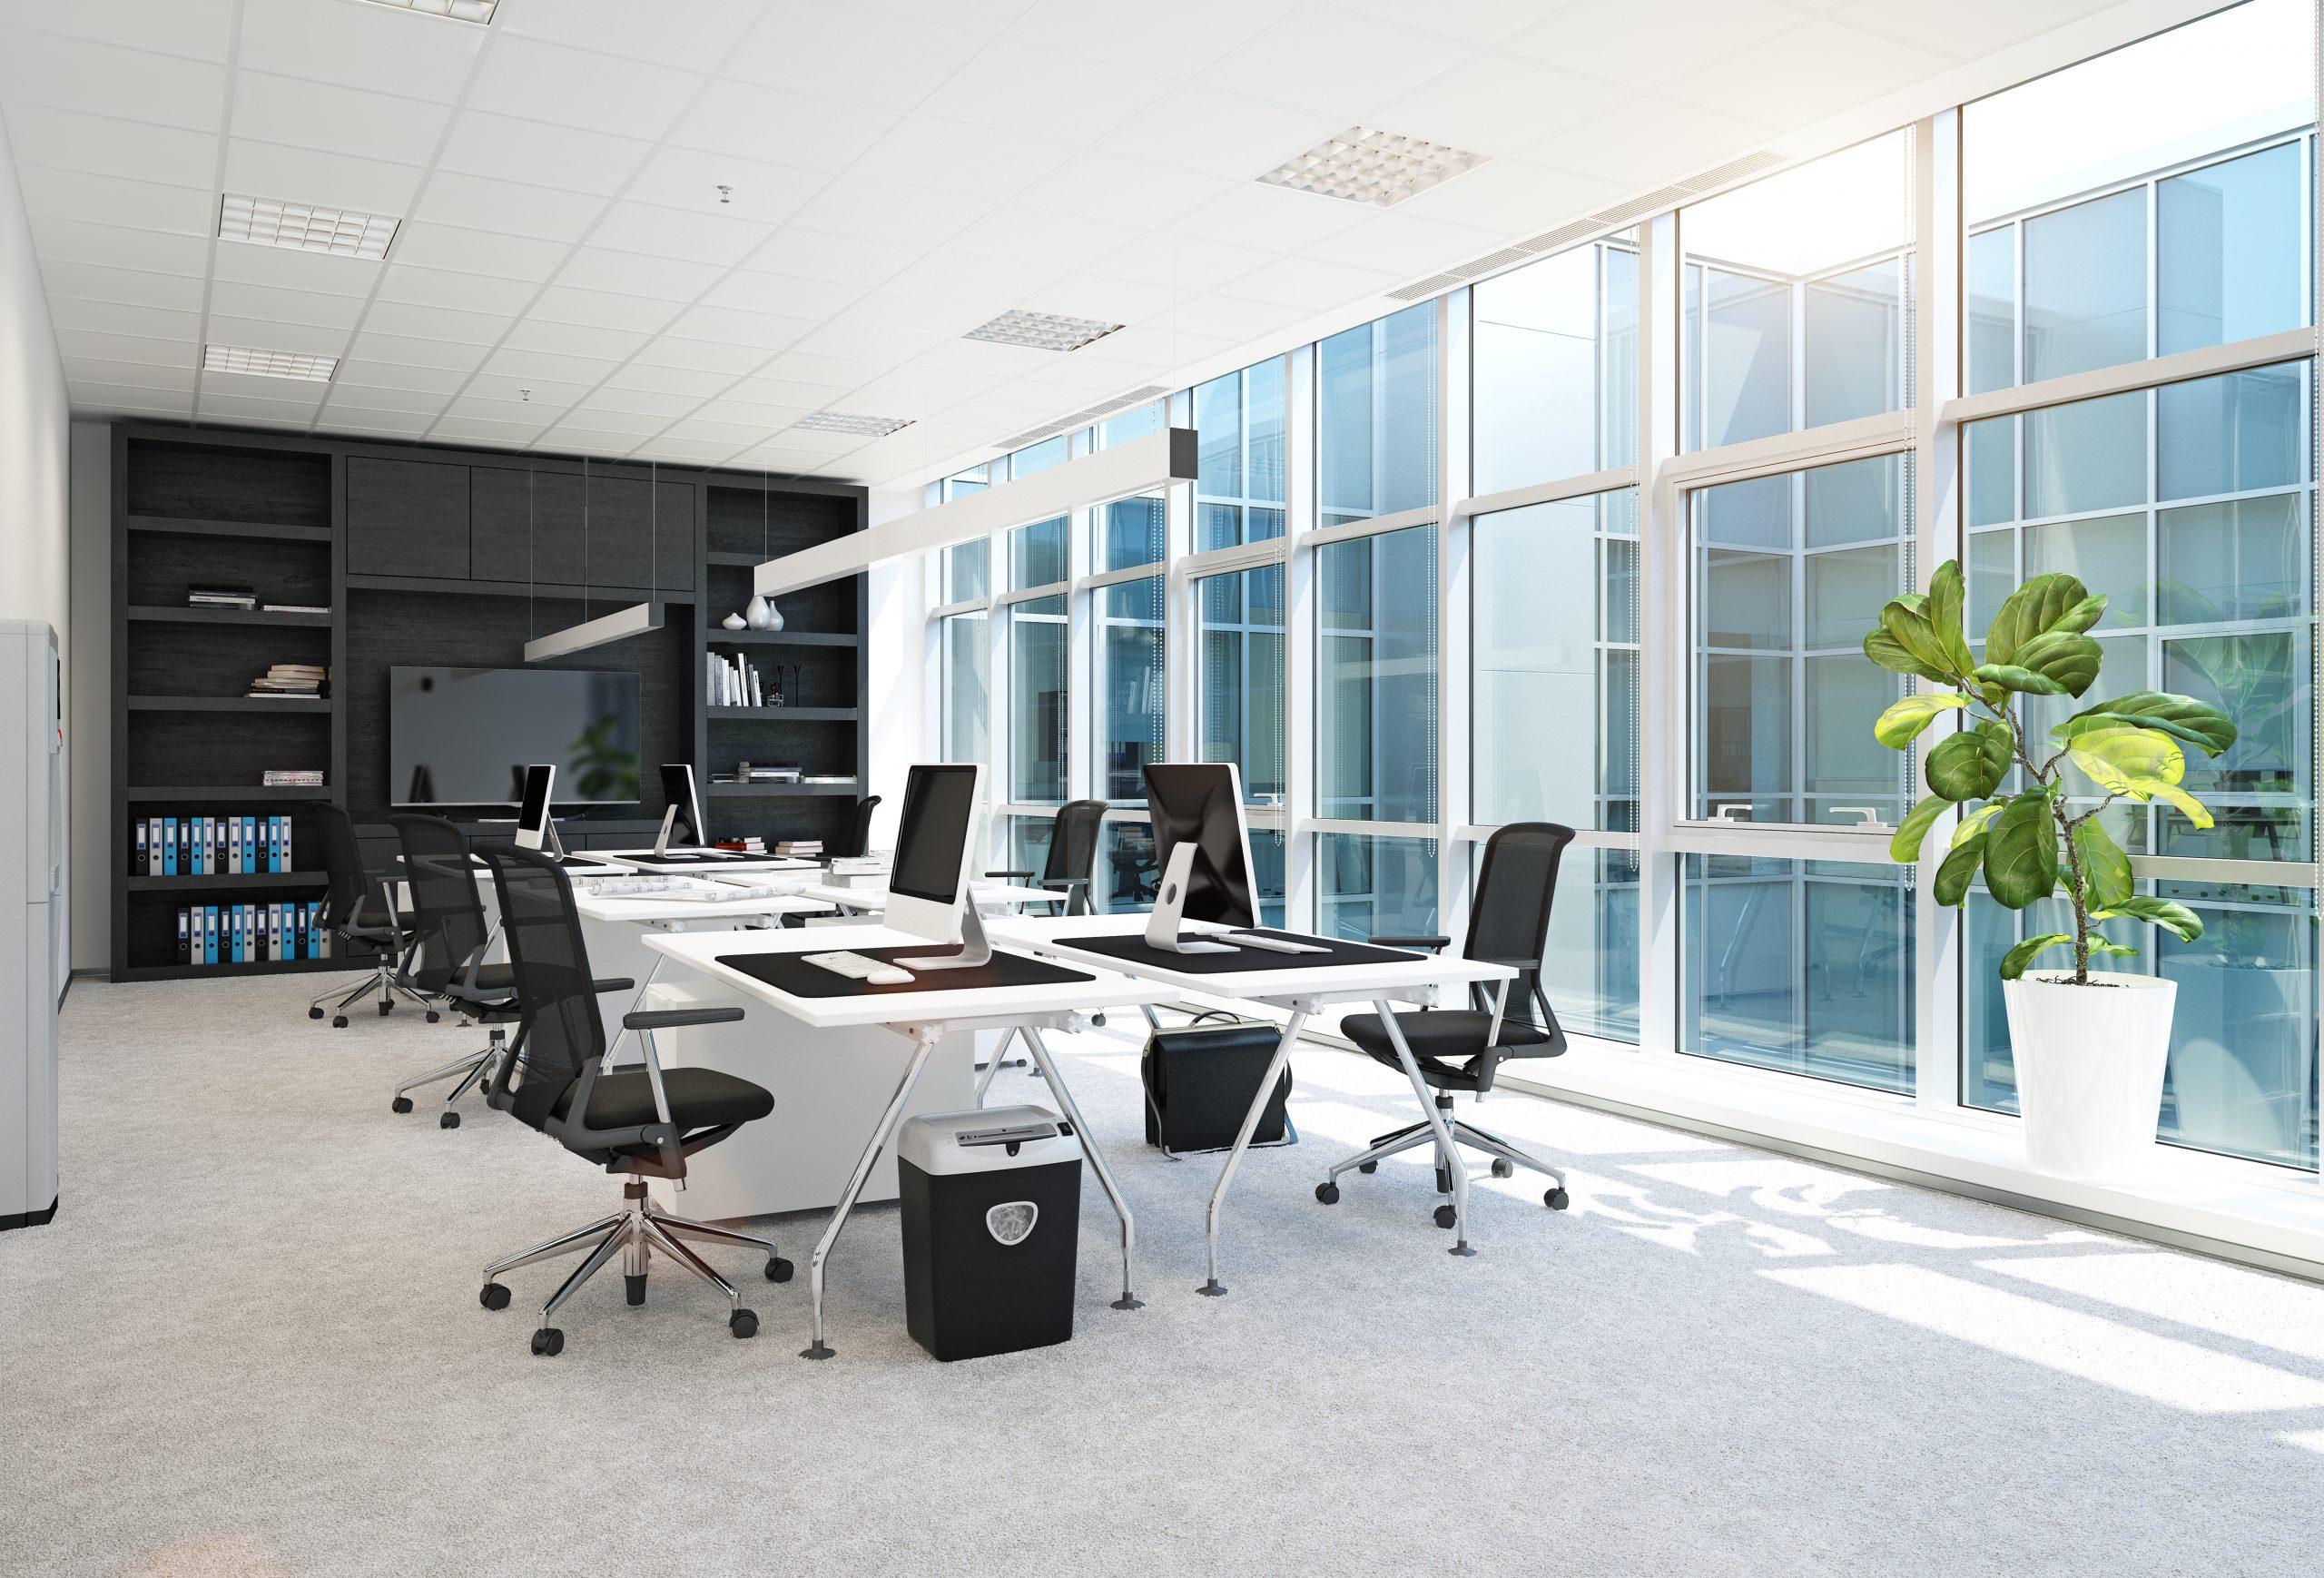 biznes-biuro-salka-konferencyjna-krzesla-na-kolkach-scaled